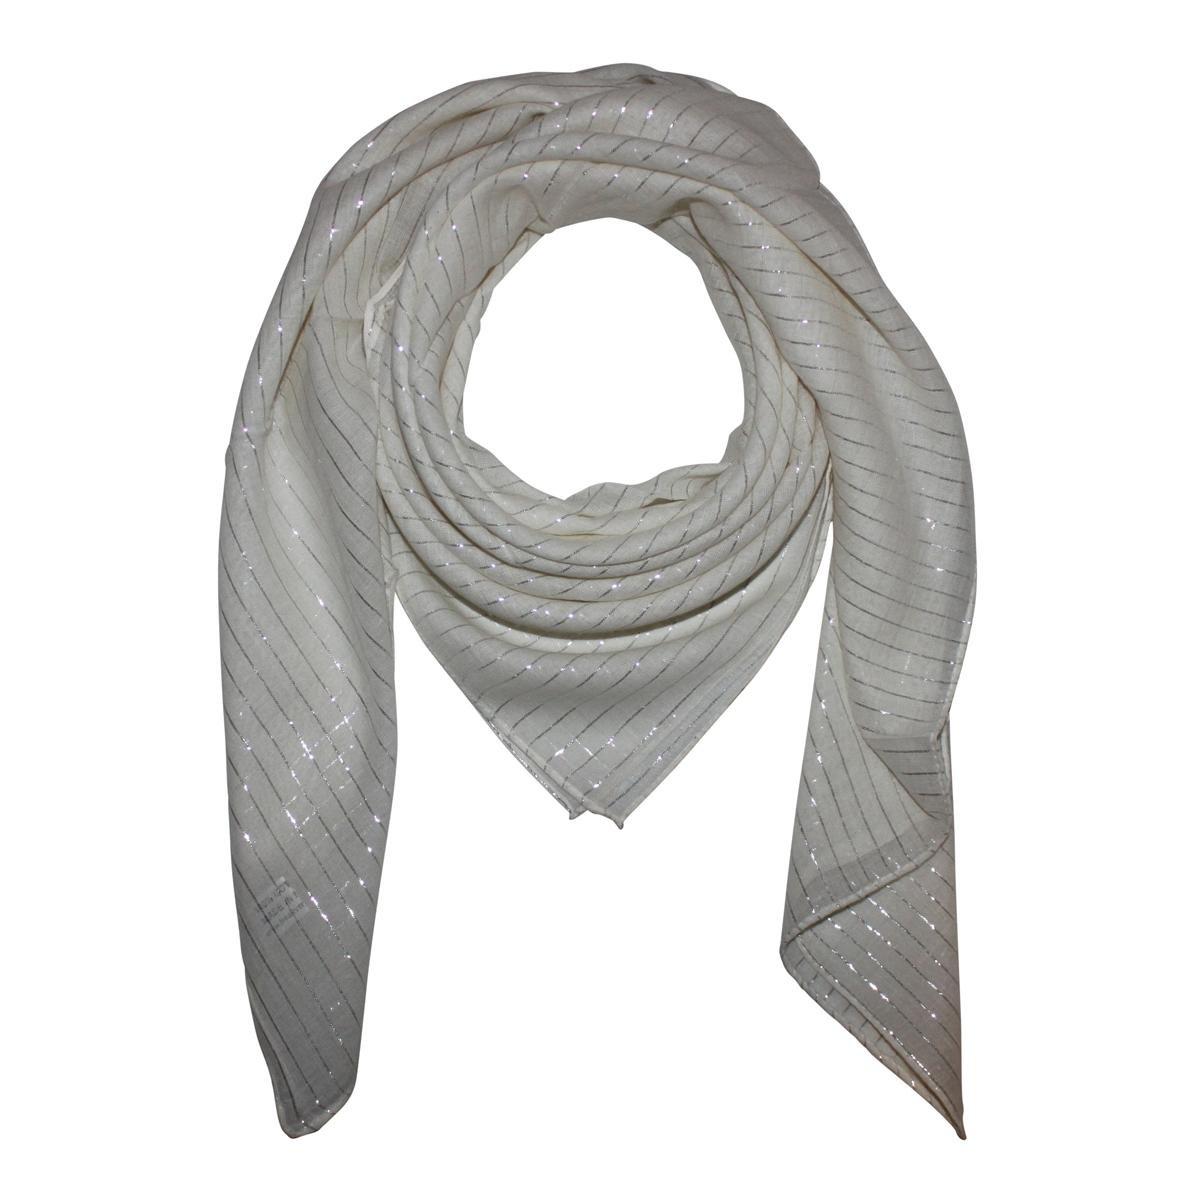 Freak Scene Sciarpa di cotone /° unicolore /° lurex argento /° stoffa quadrata